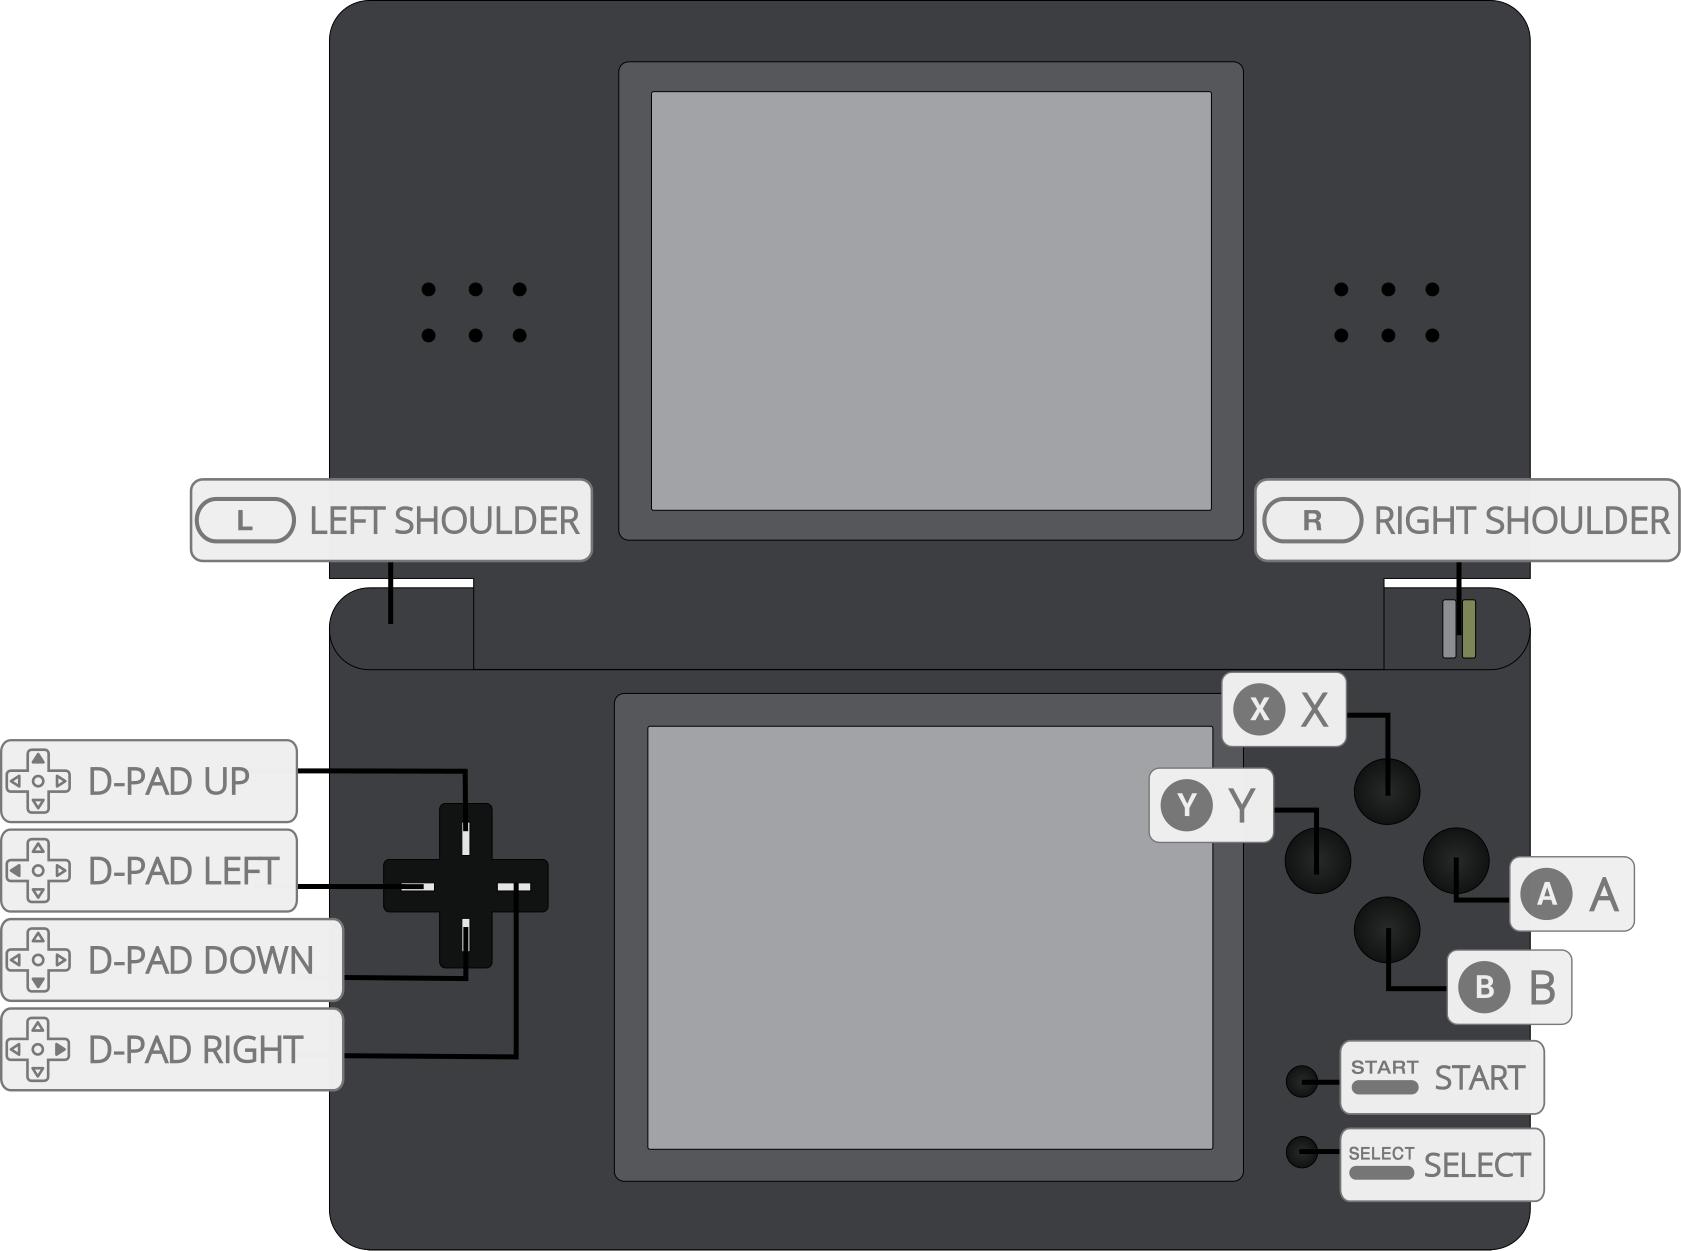 Nintendo - DS (DeSmuME 2015) - Libretro Docs